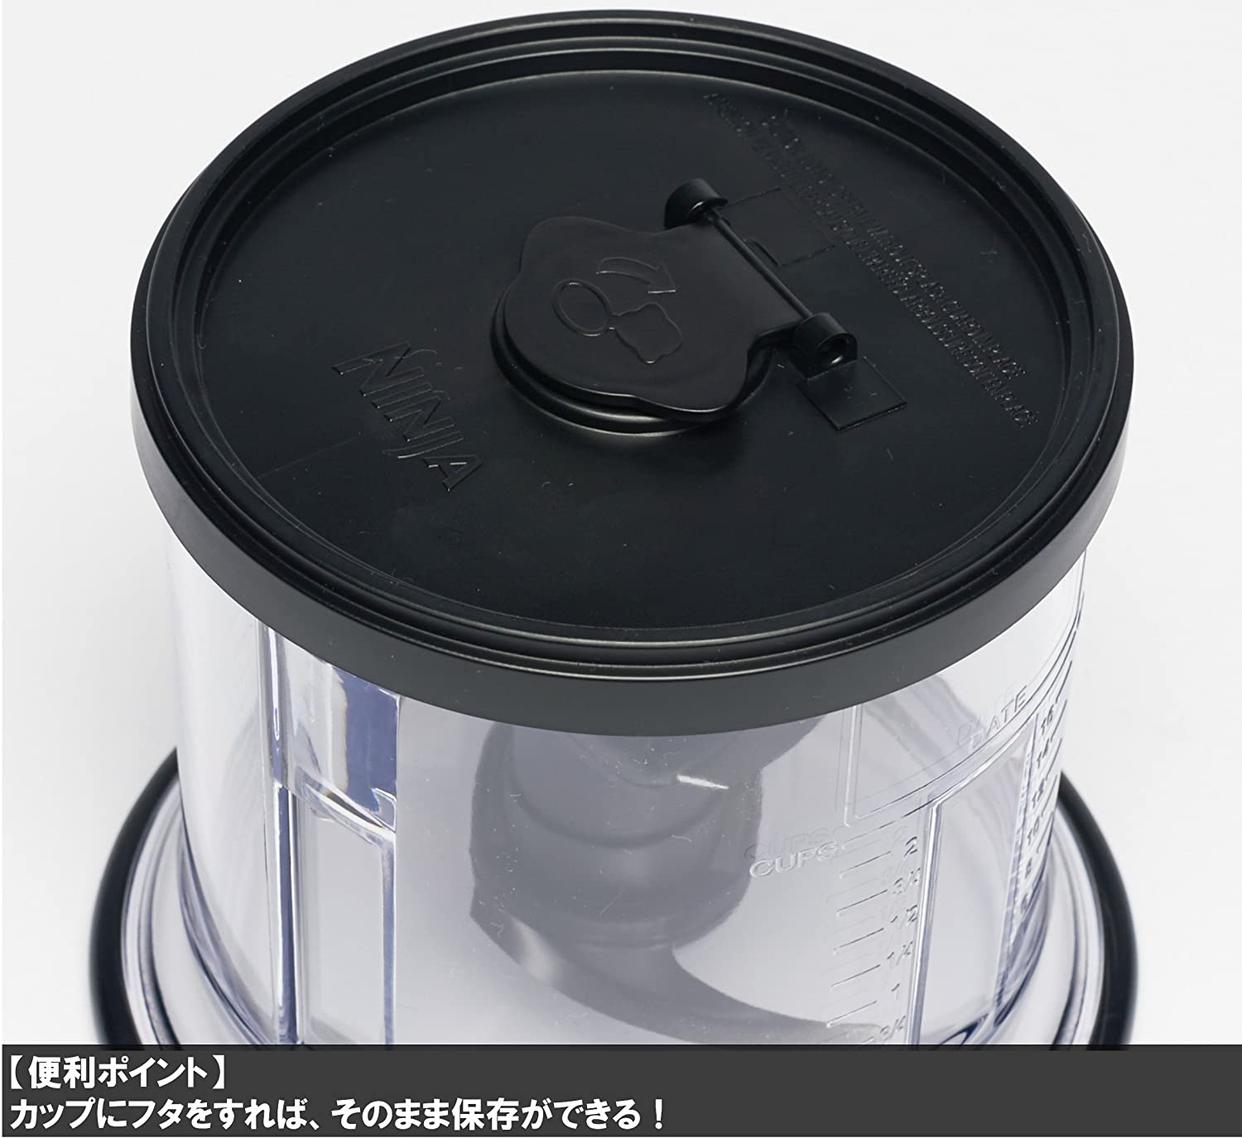 Shop Japan(ショップジャパン) ニンジャチョッパー NJAC-WS1の商品画像4